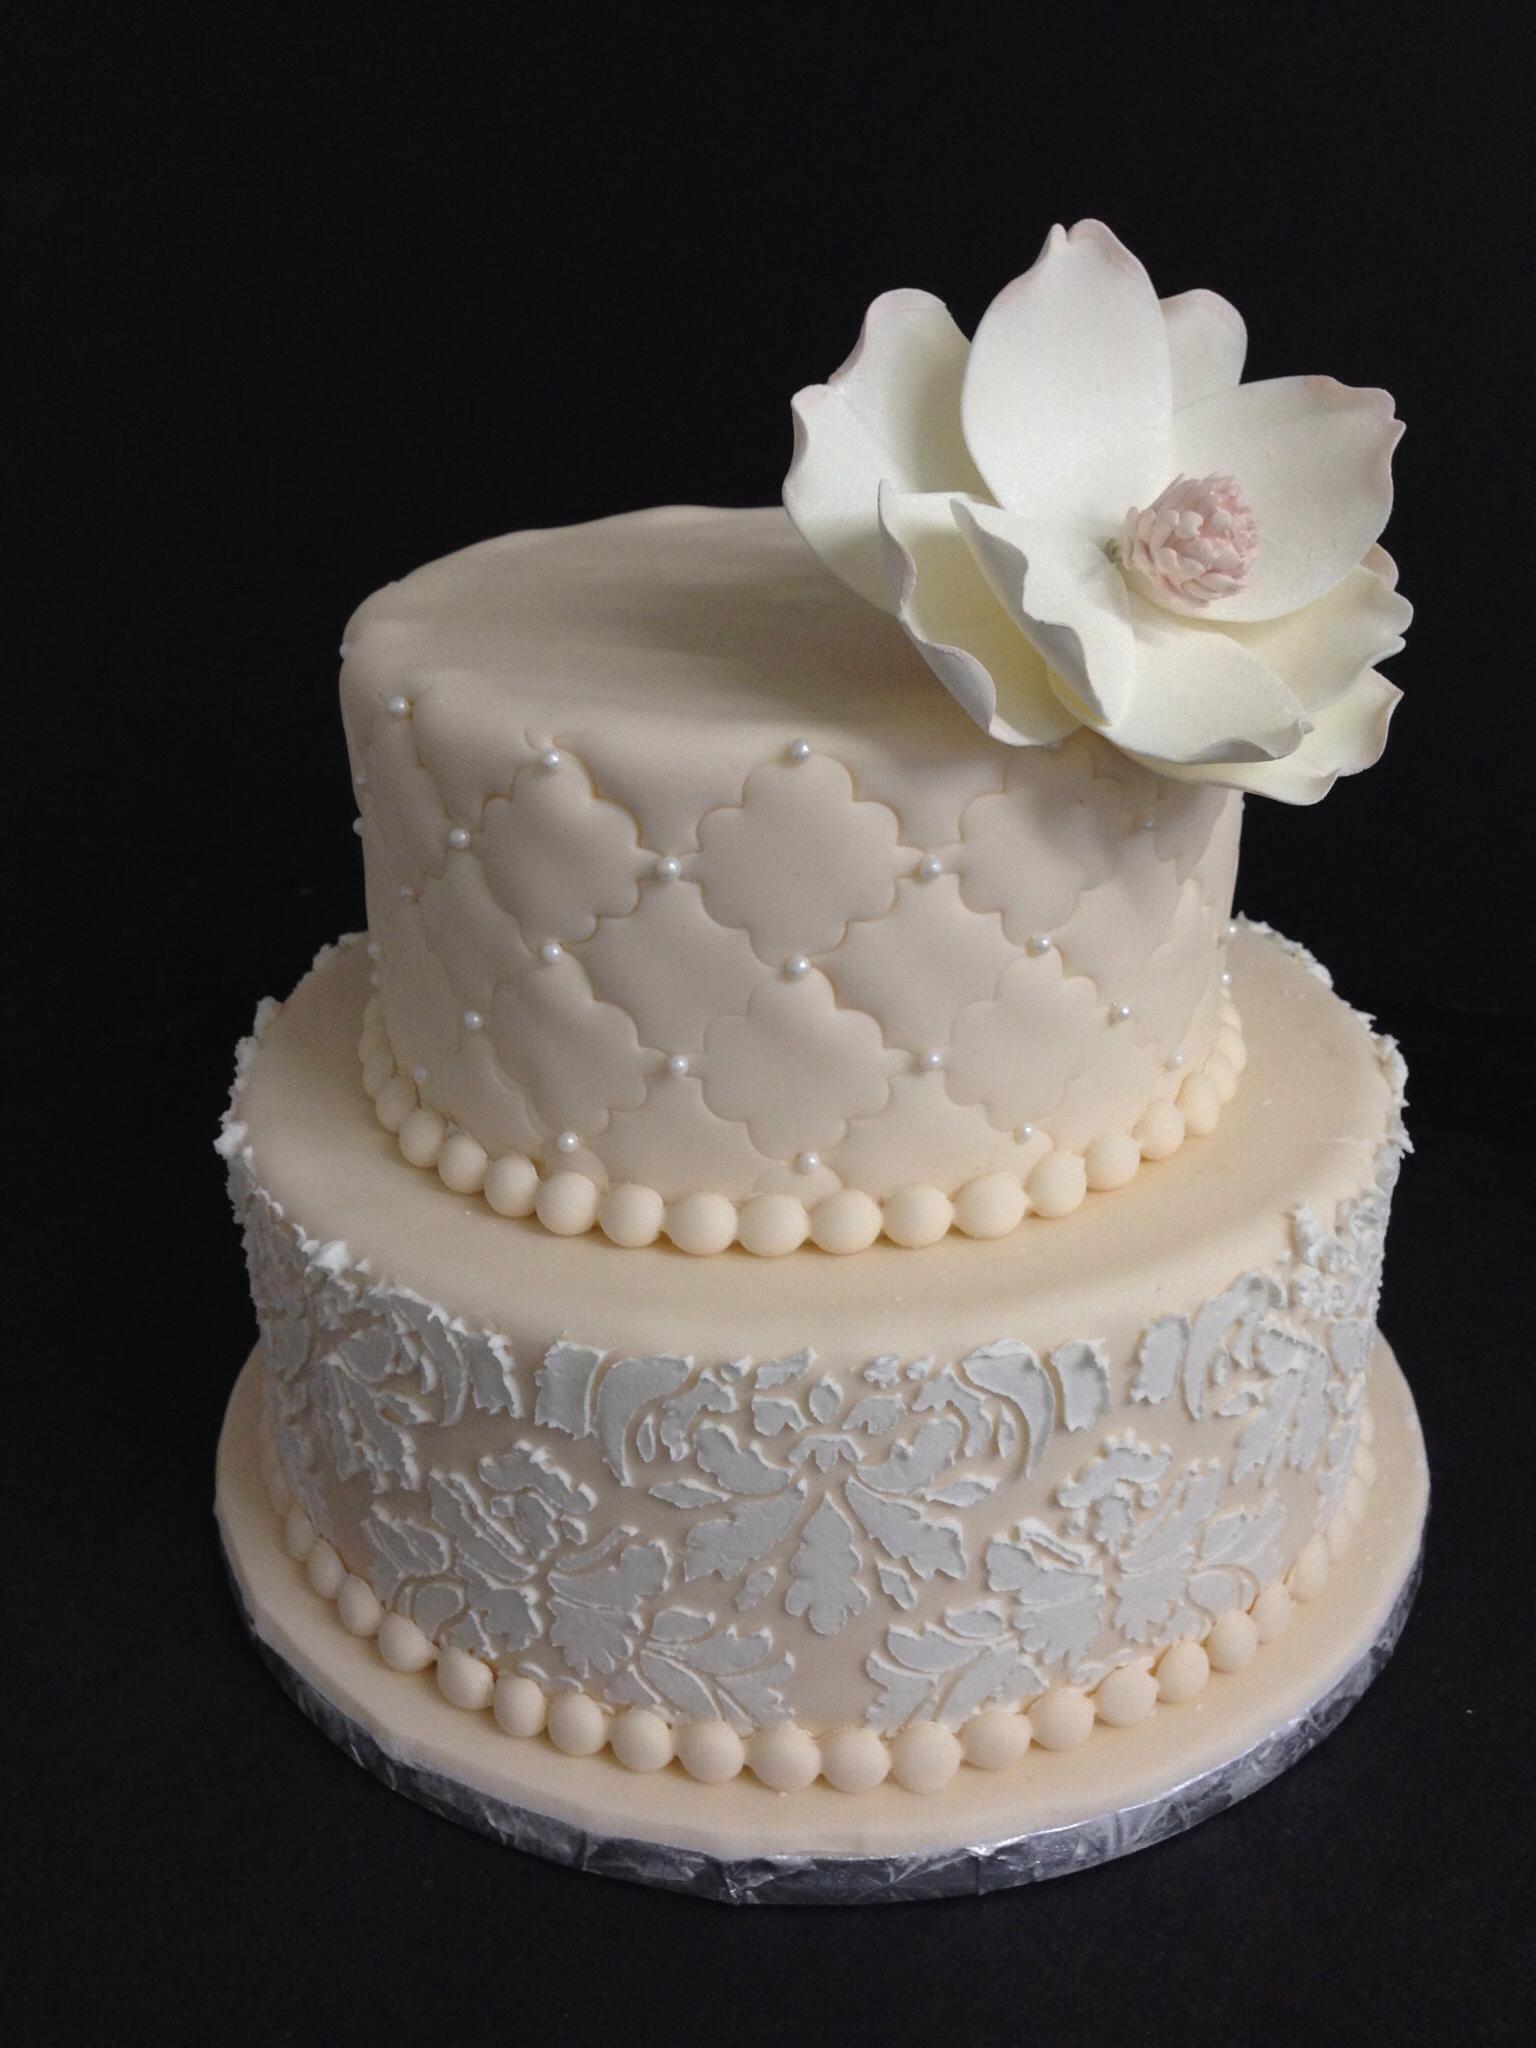 13 Classy Fondant Cakes Photo Lace Wedding Cake With Fondant